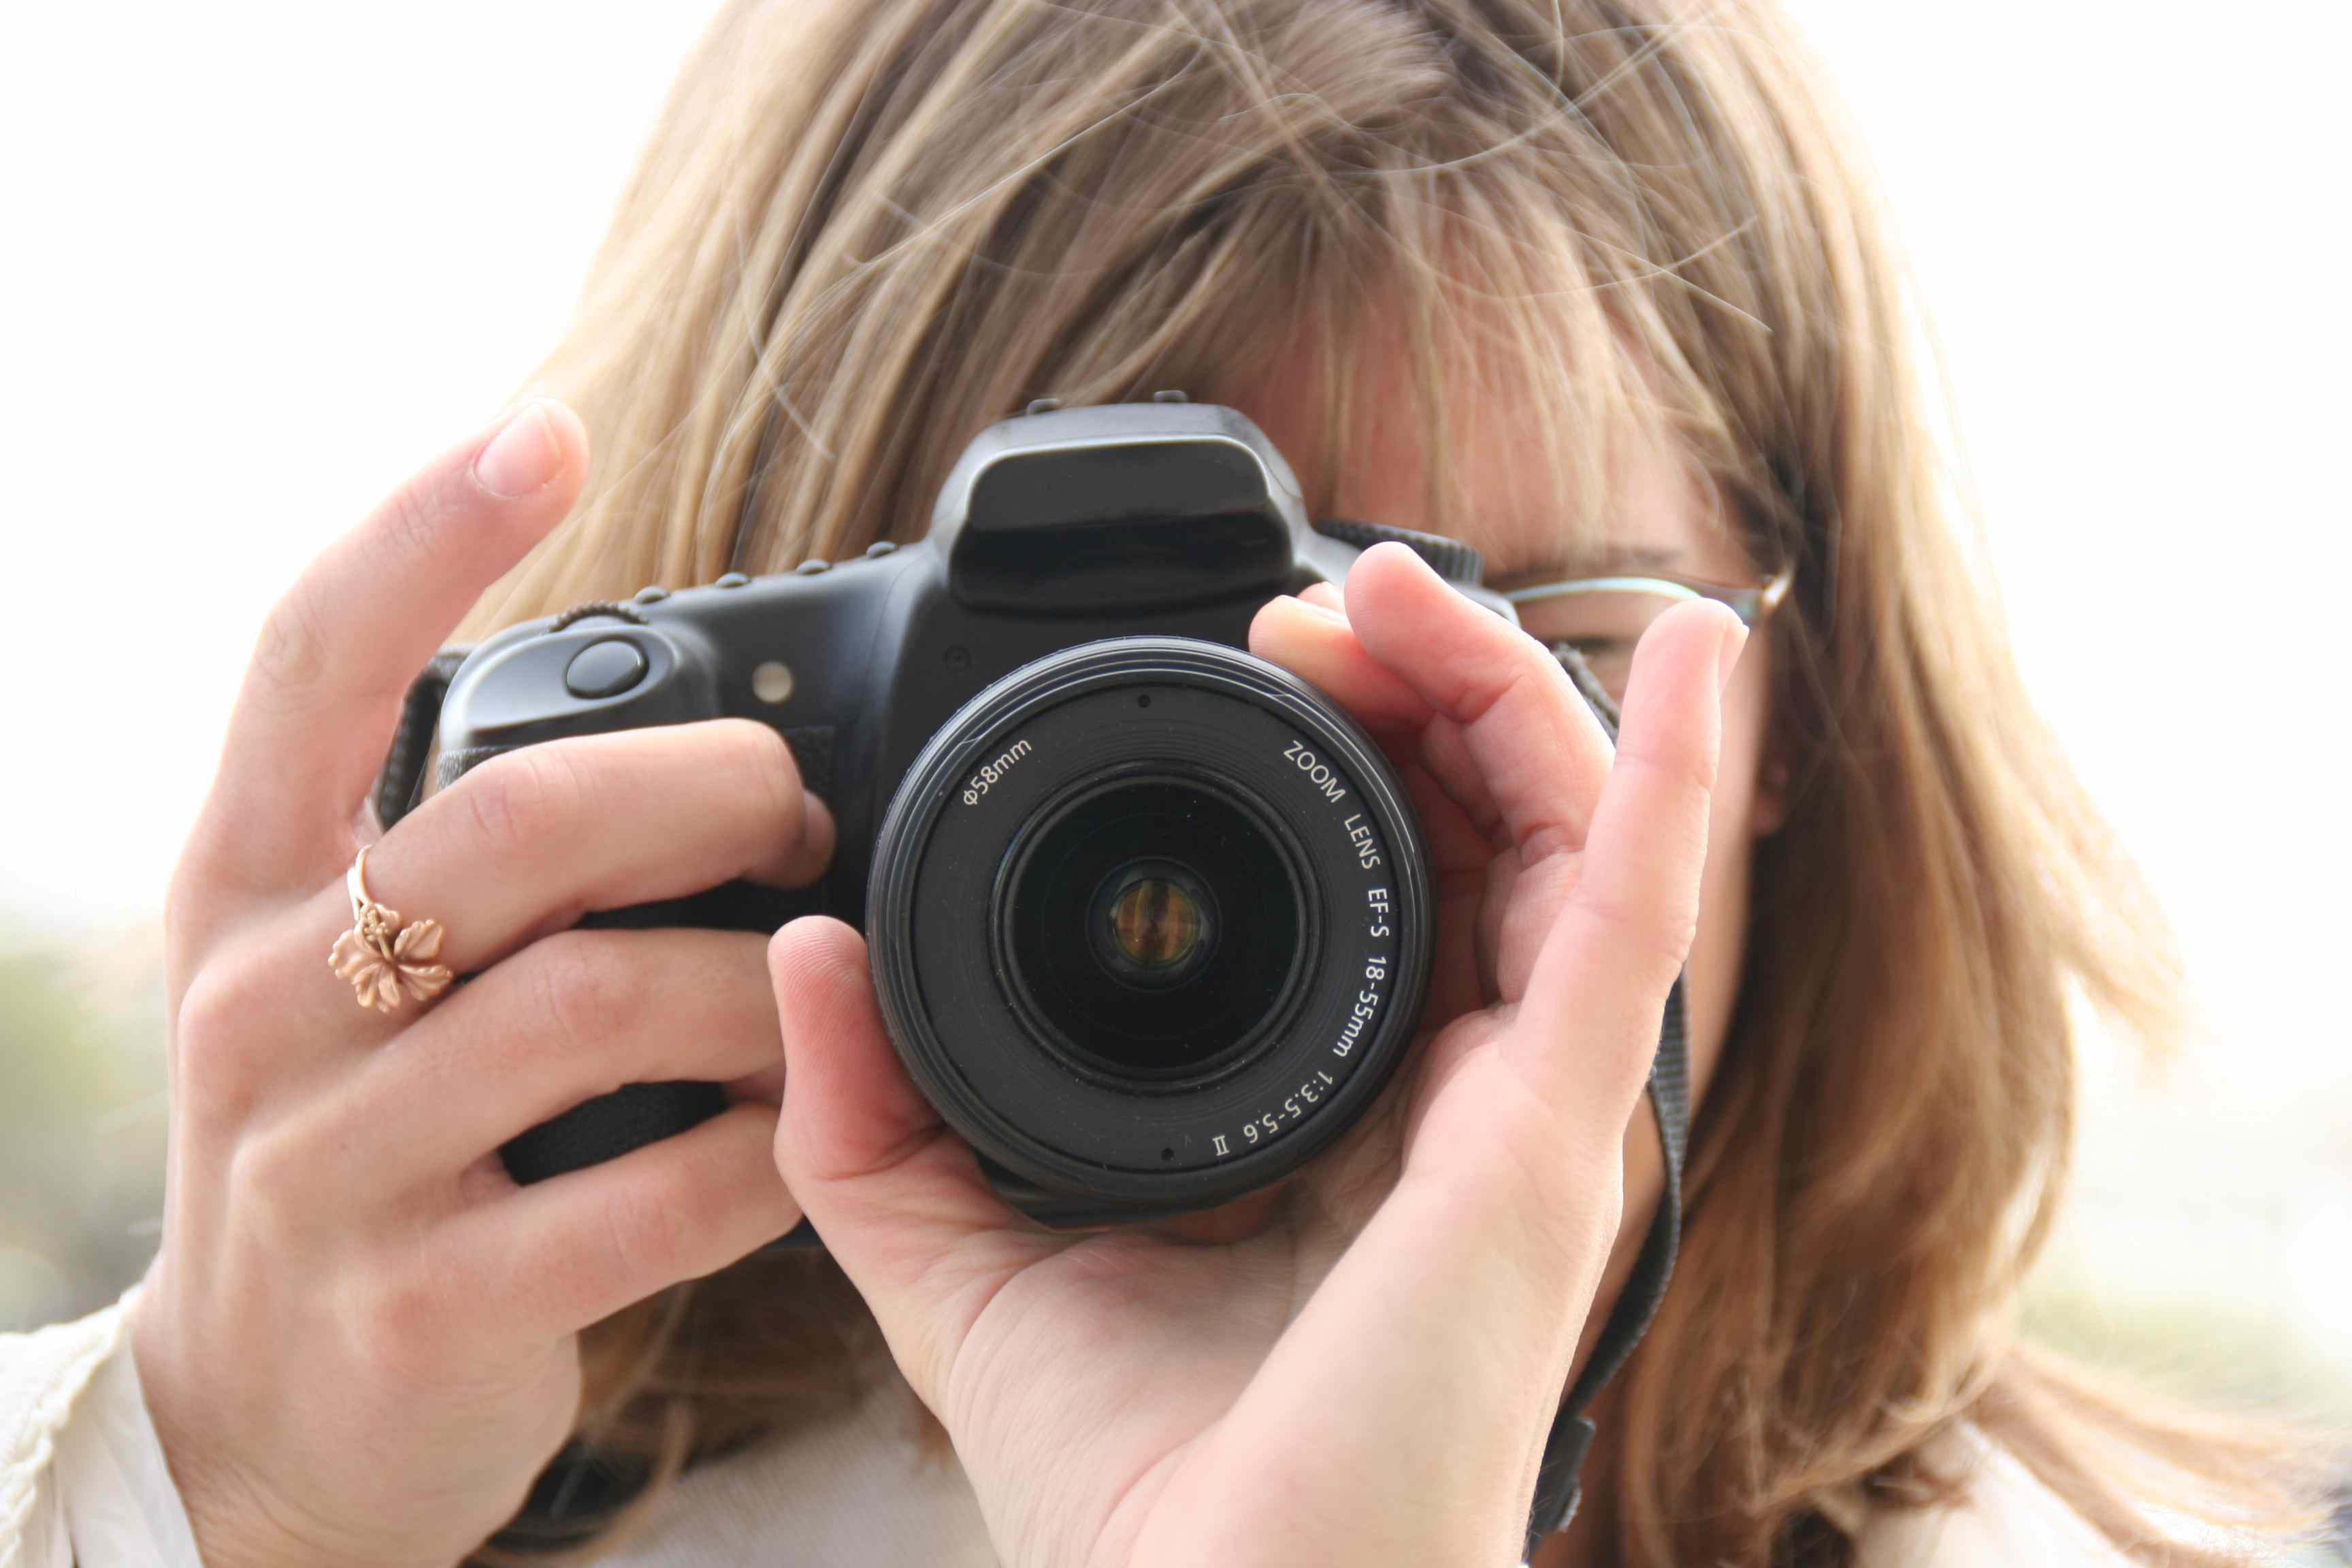 Girl-Taking-Photograph-With-Camera   Karen Gately